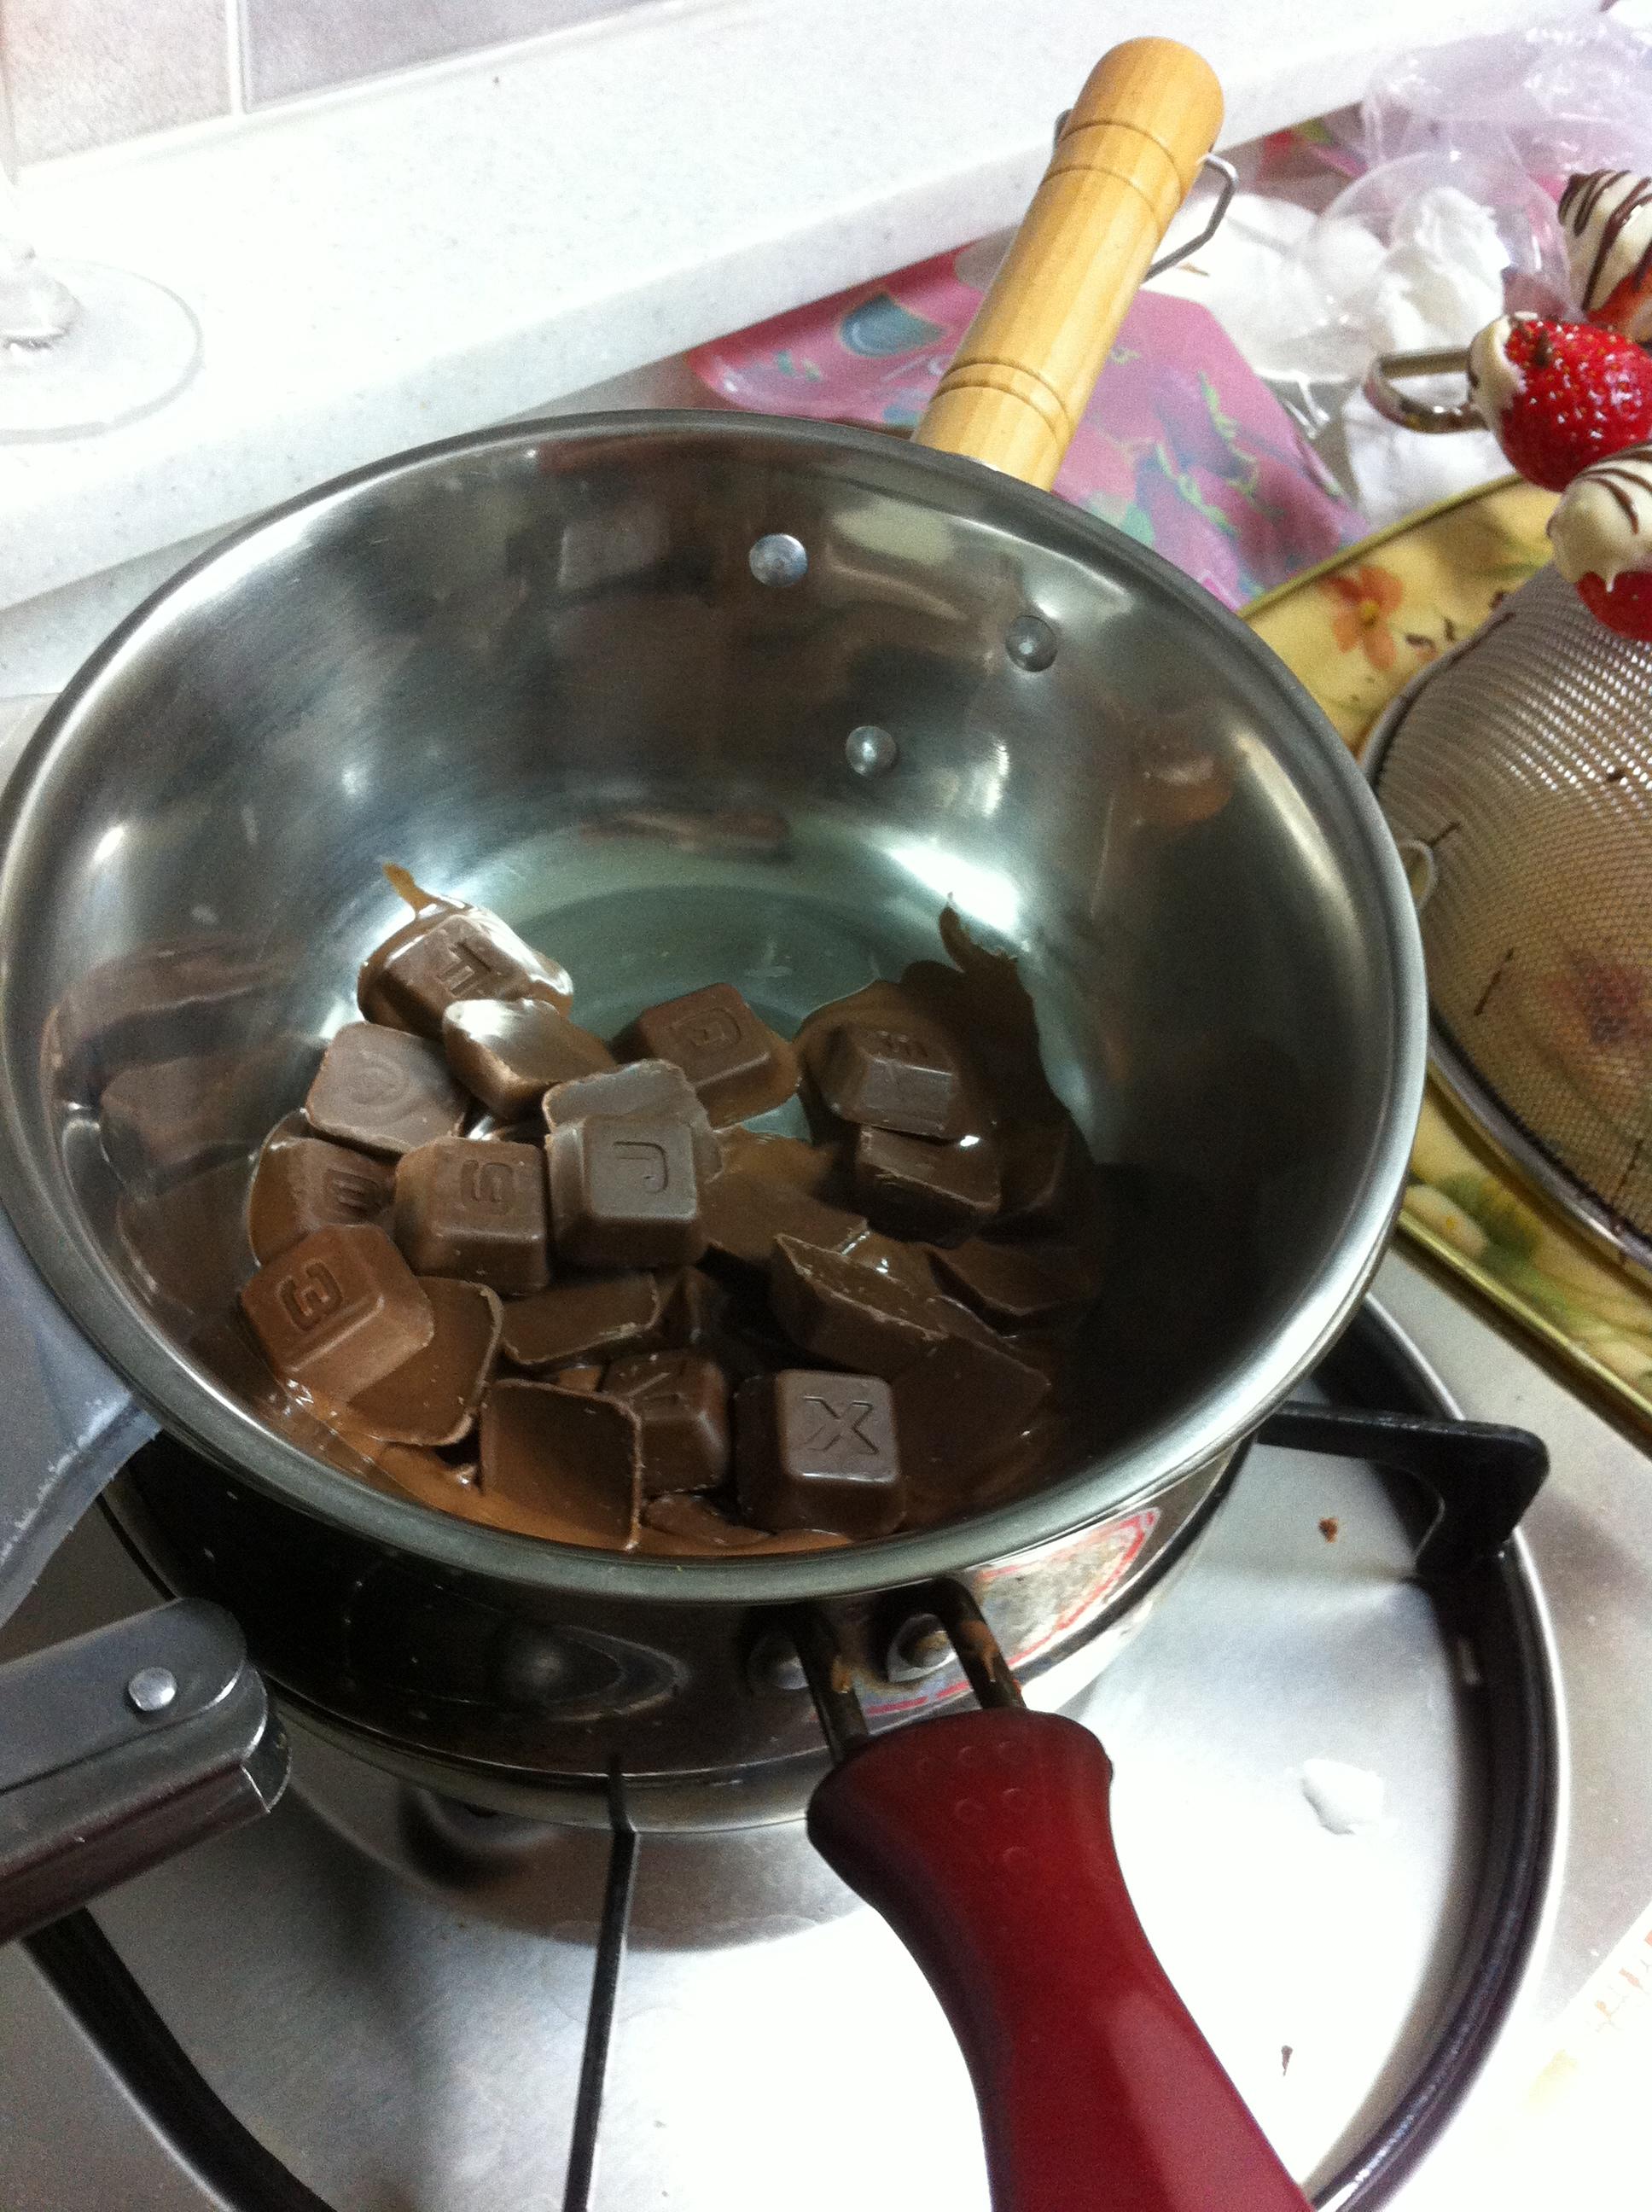 20120214 / 발렌타인데이 맞이 초콜렛 만들기